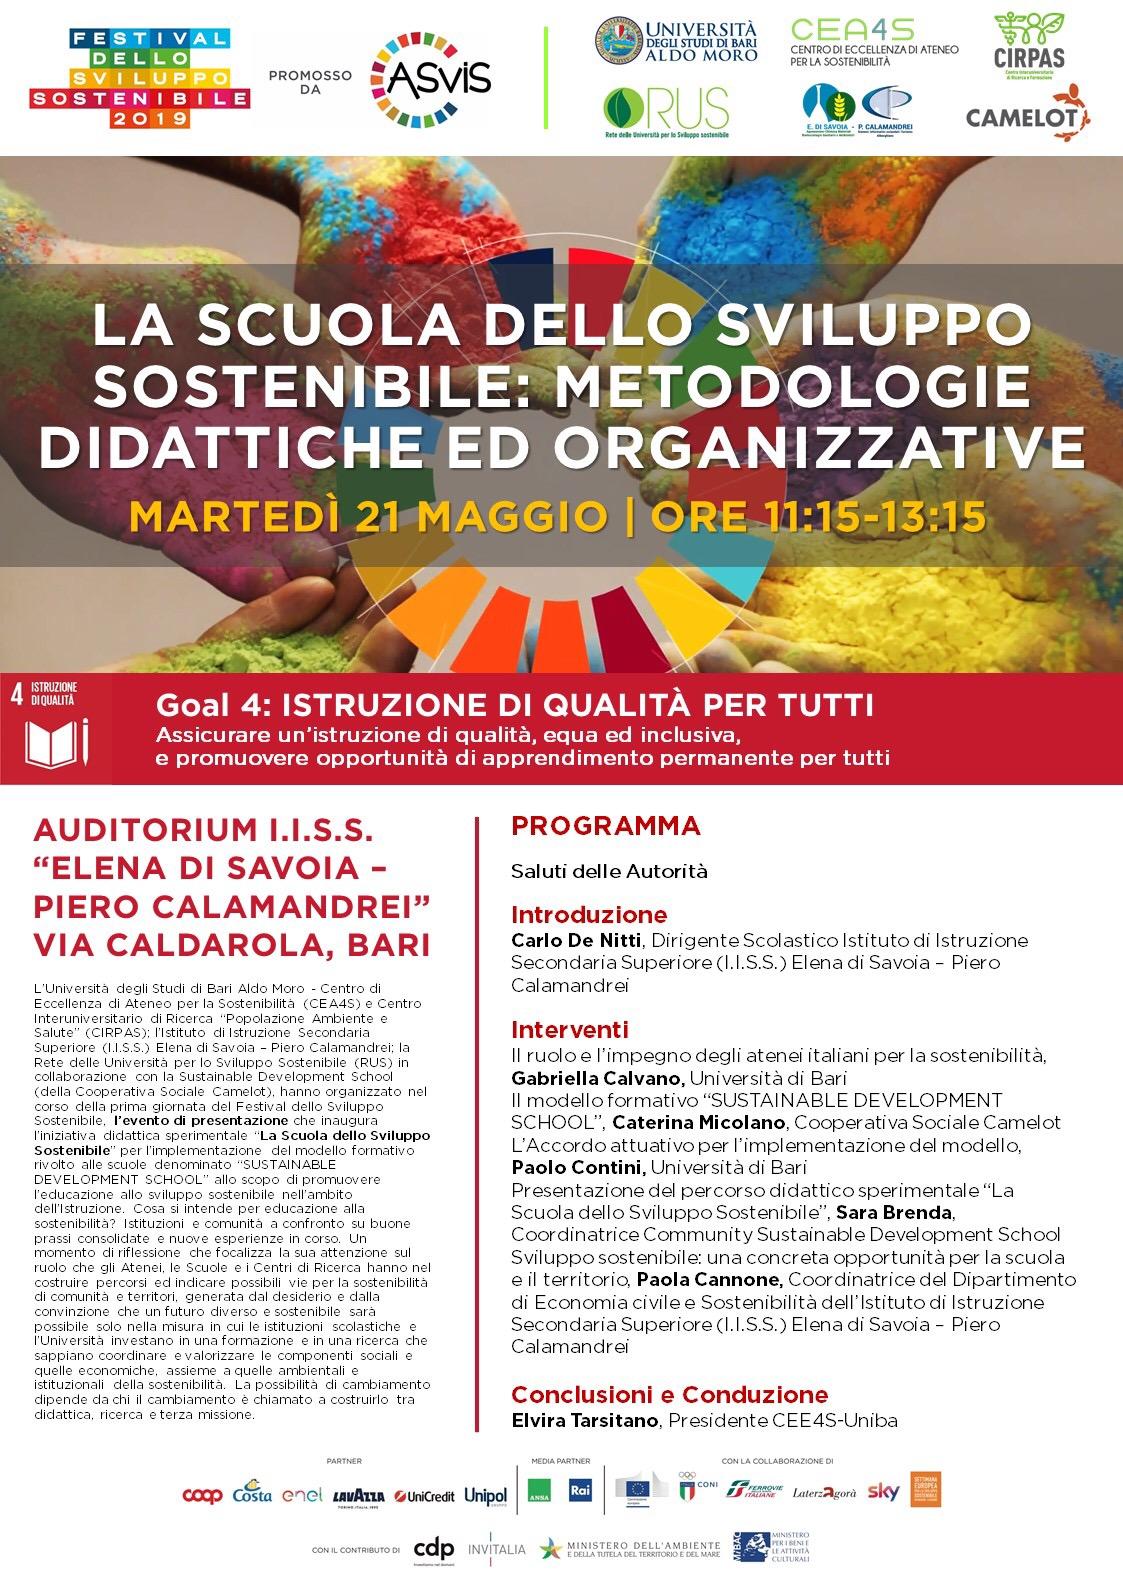 Calendario Lezioni Uniba.Maggio 2019 Elena Di Savoia Piero Calamandrei